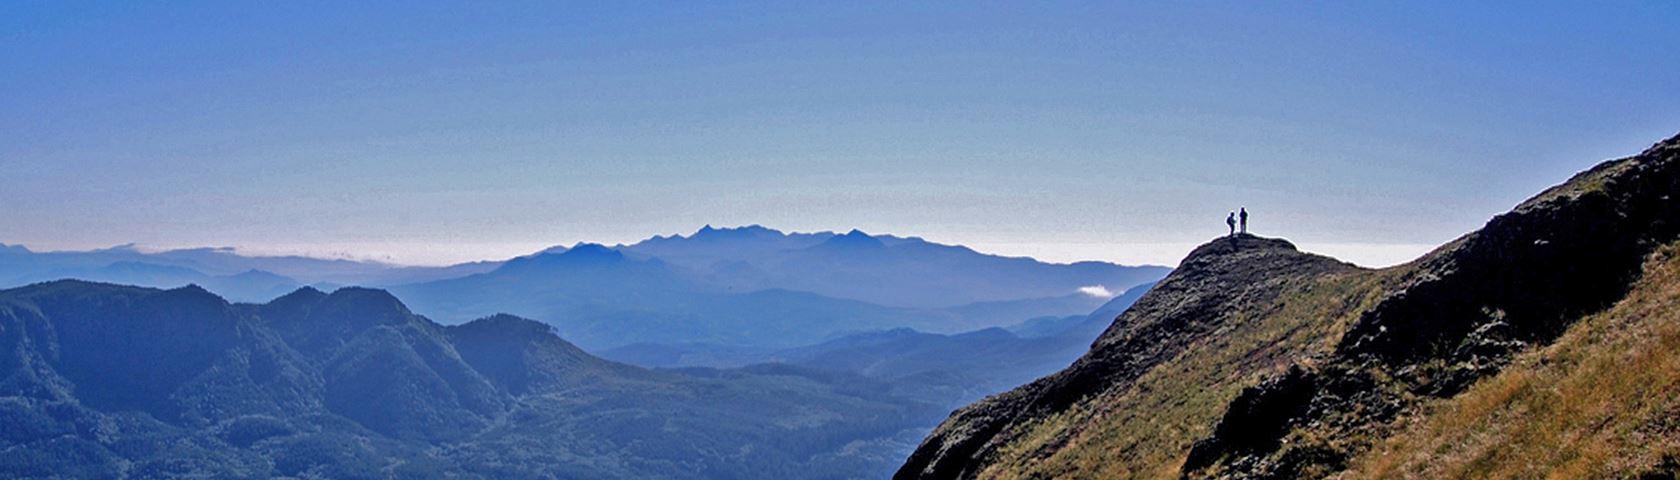 On the Edge (Saddle Mountain)